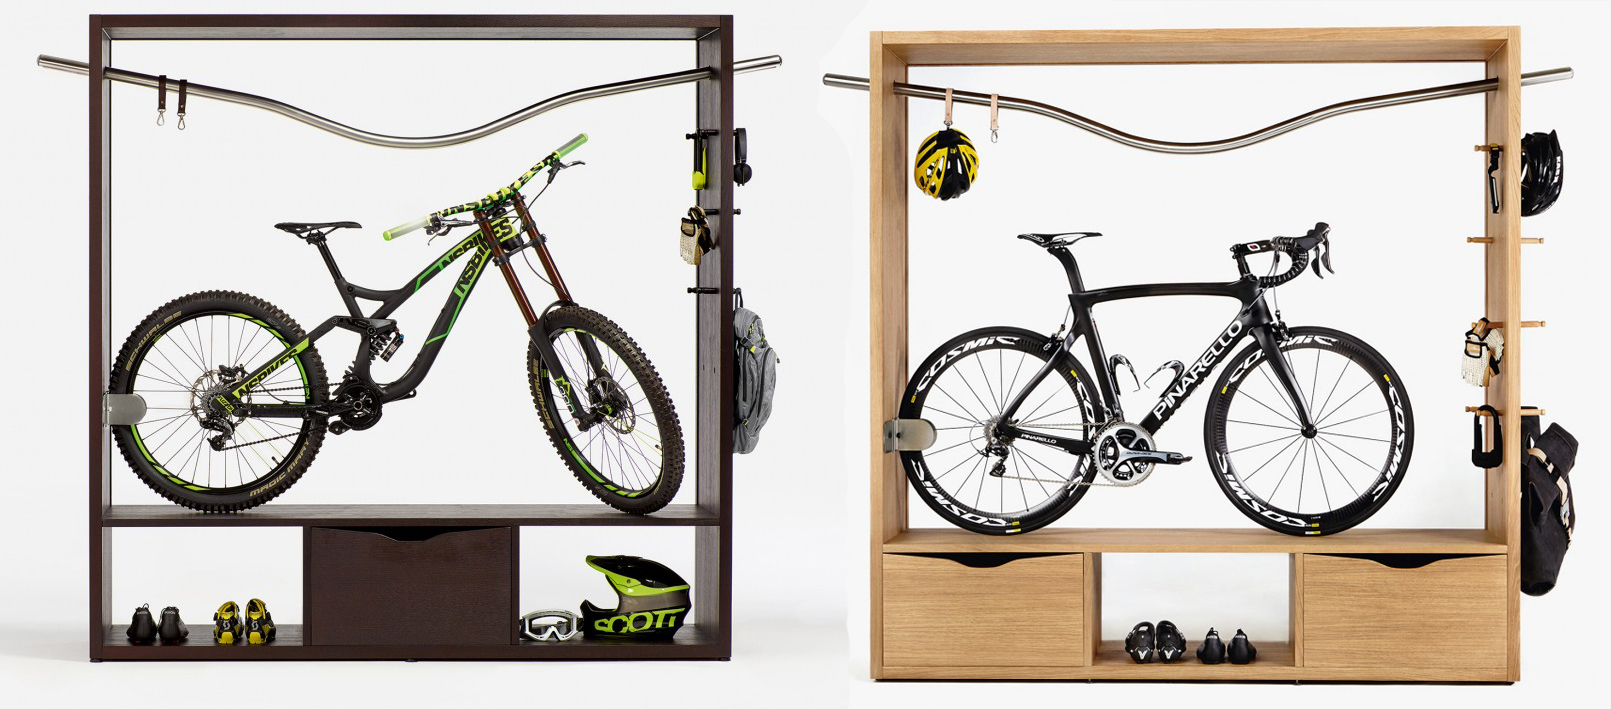 bd68d92e661 Inmiddels hebben ze diverse producten, waarmee je jouw fiets letterlijk op  een voetstuk plaatst. En één meubelstuk springt daar toch wel echt  tussenuit: de ...